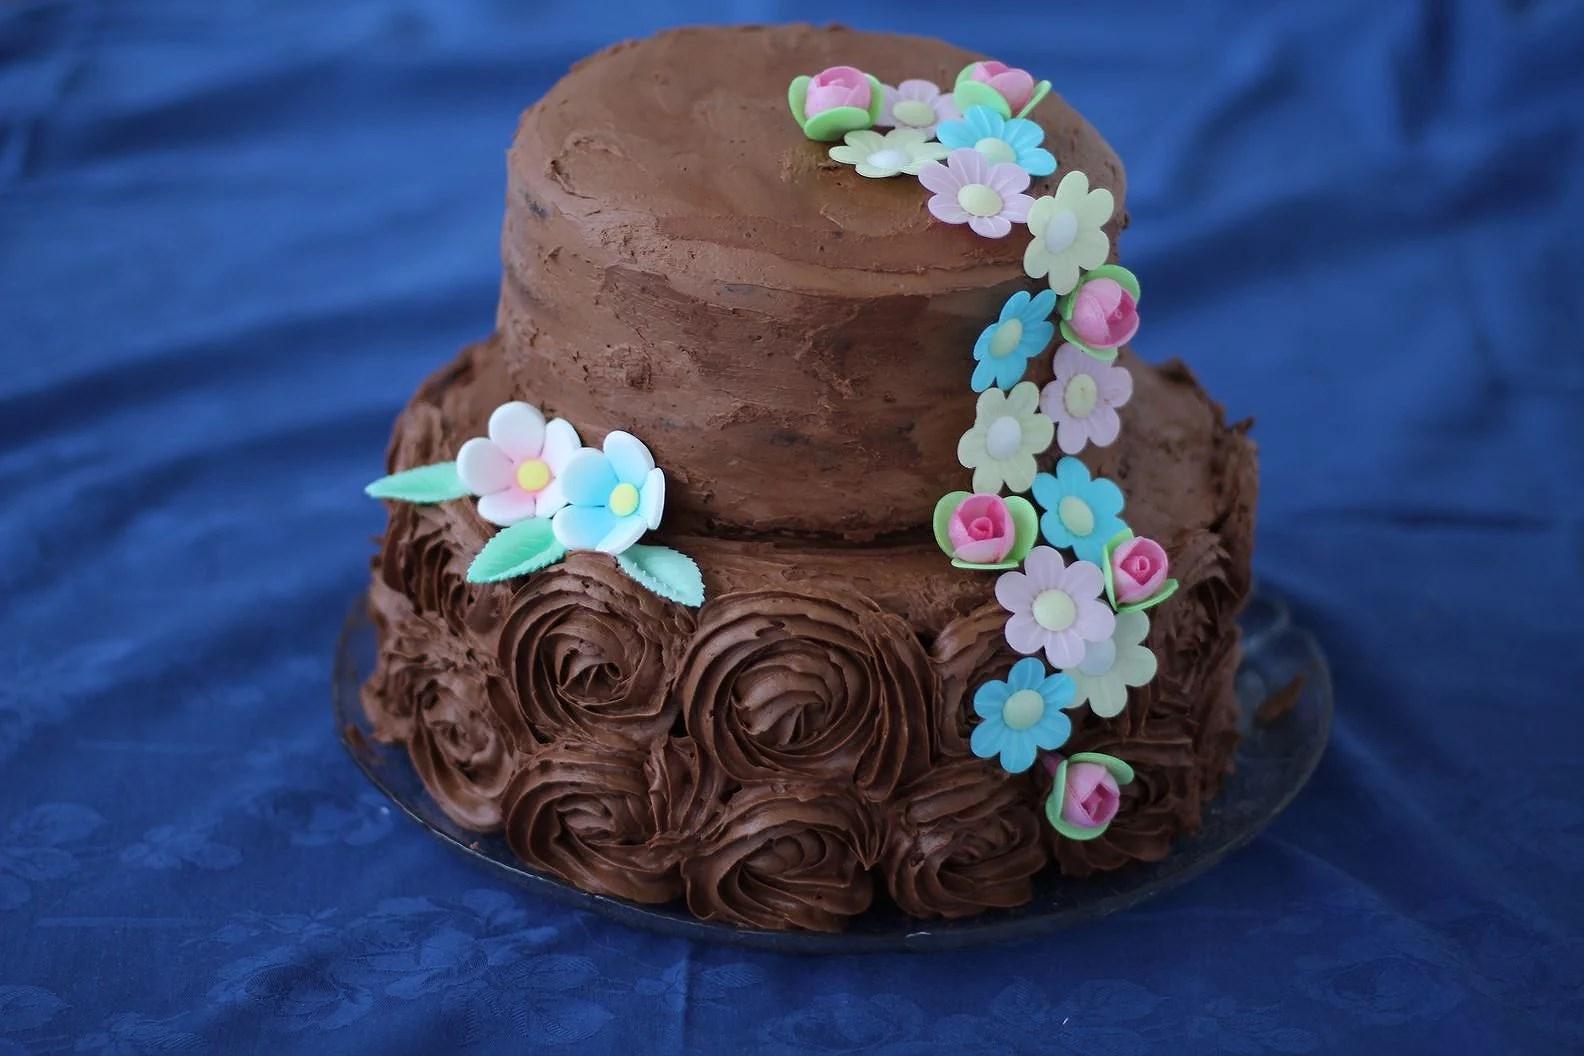 Høy sjokoladekake med blomster